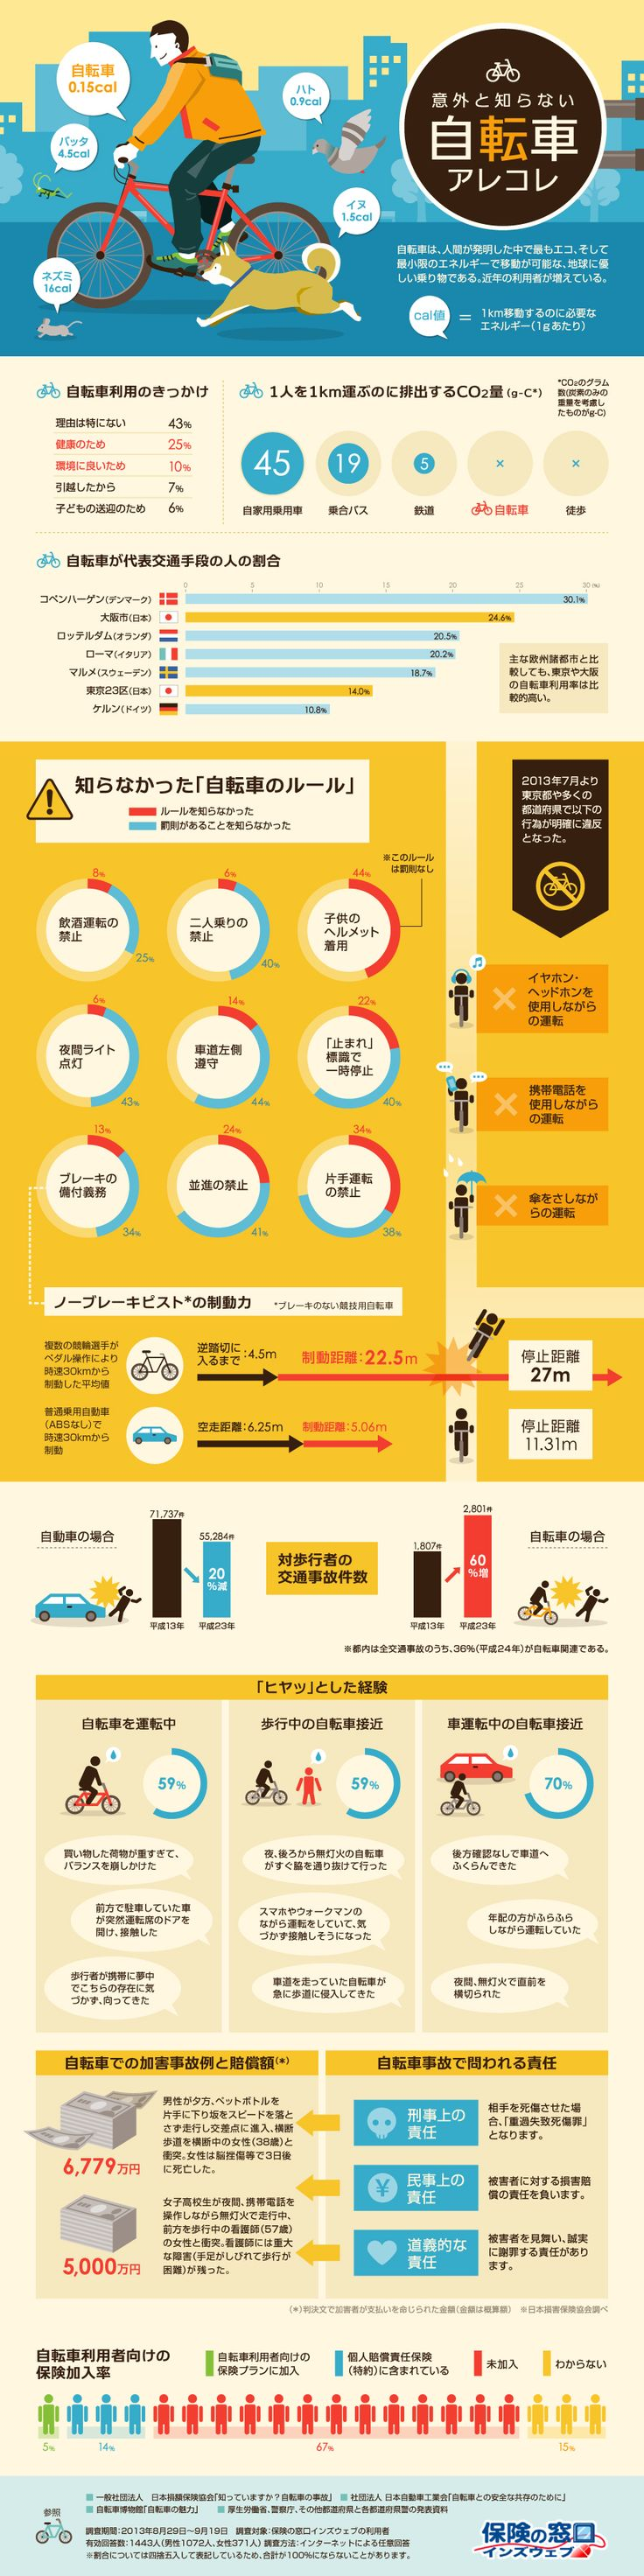 自転車ルールや事故に関するインフォグラフィック   infographic.jp − インフォグラフィックス by econte